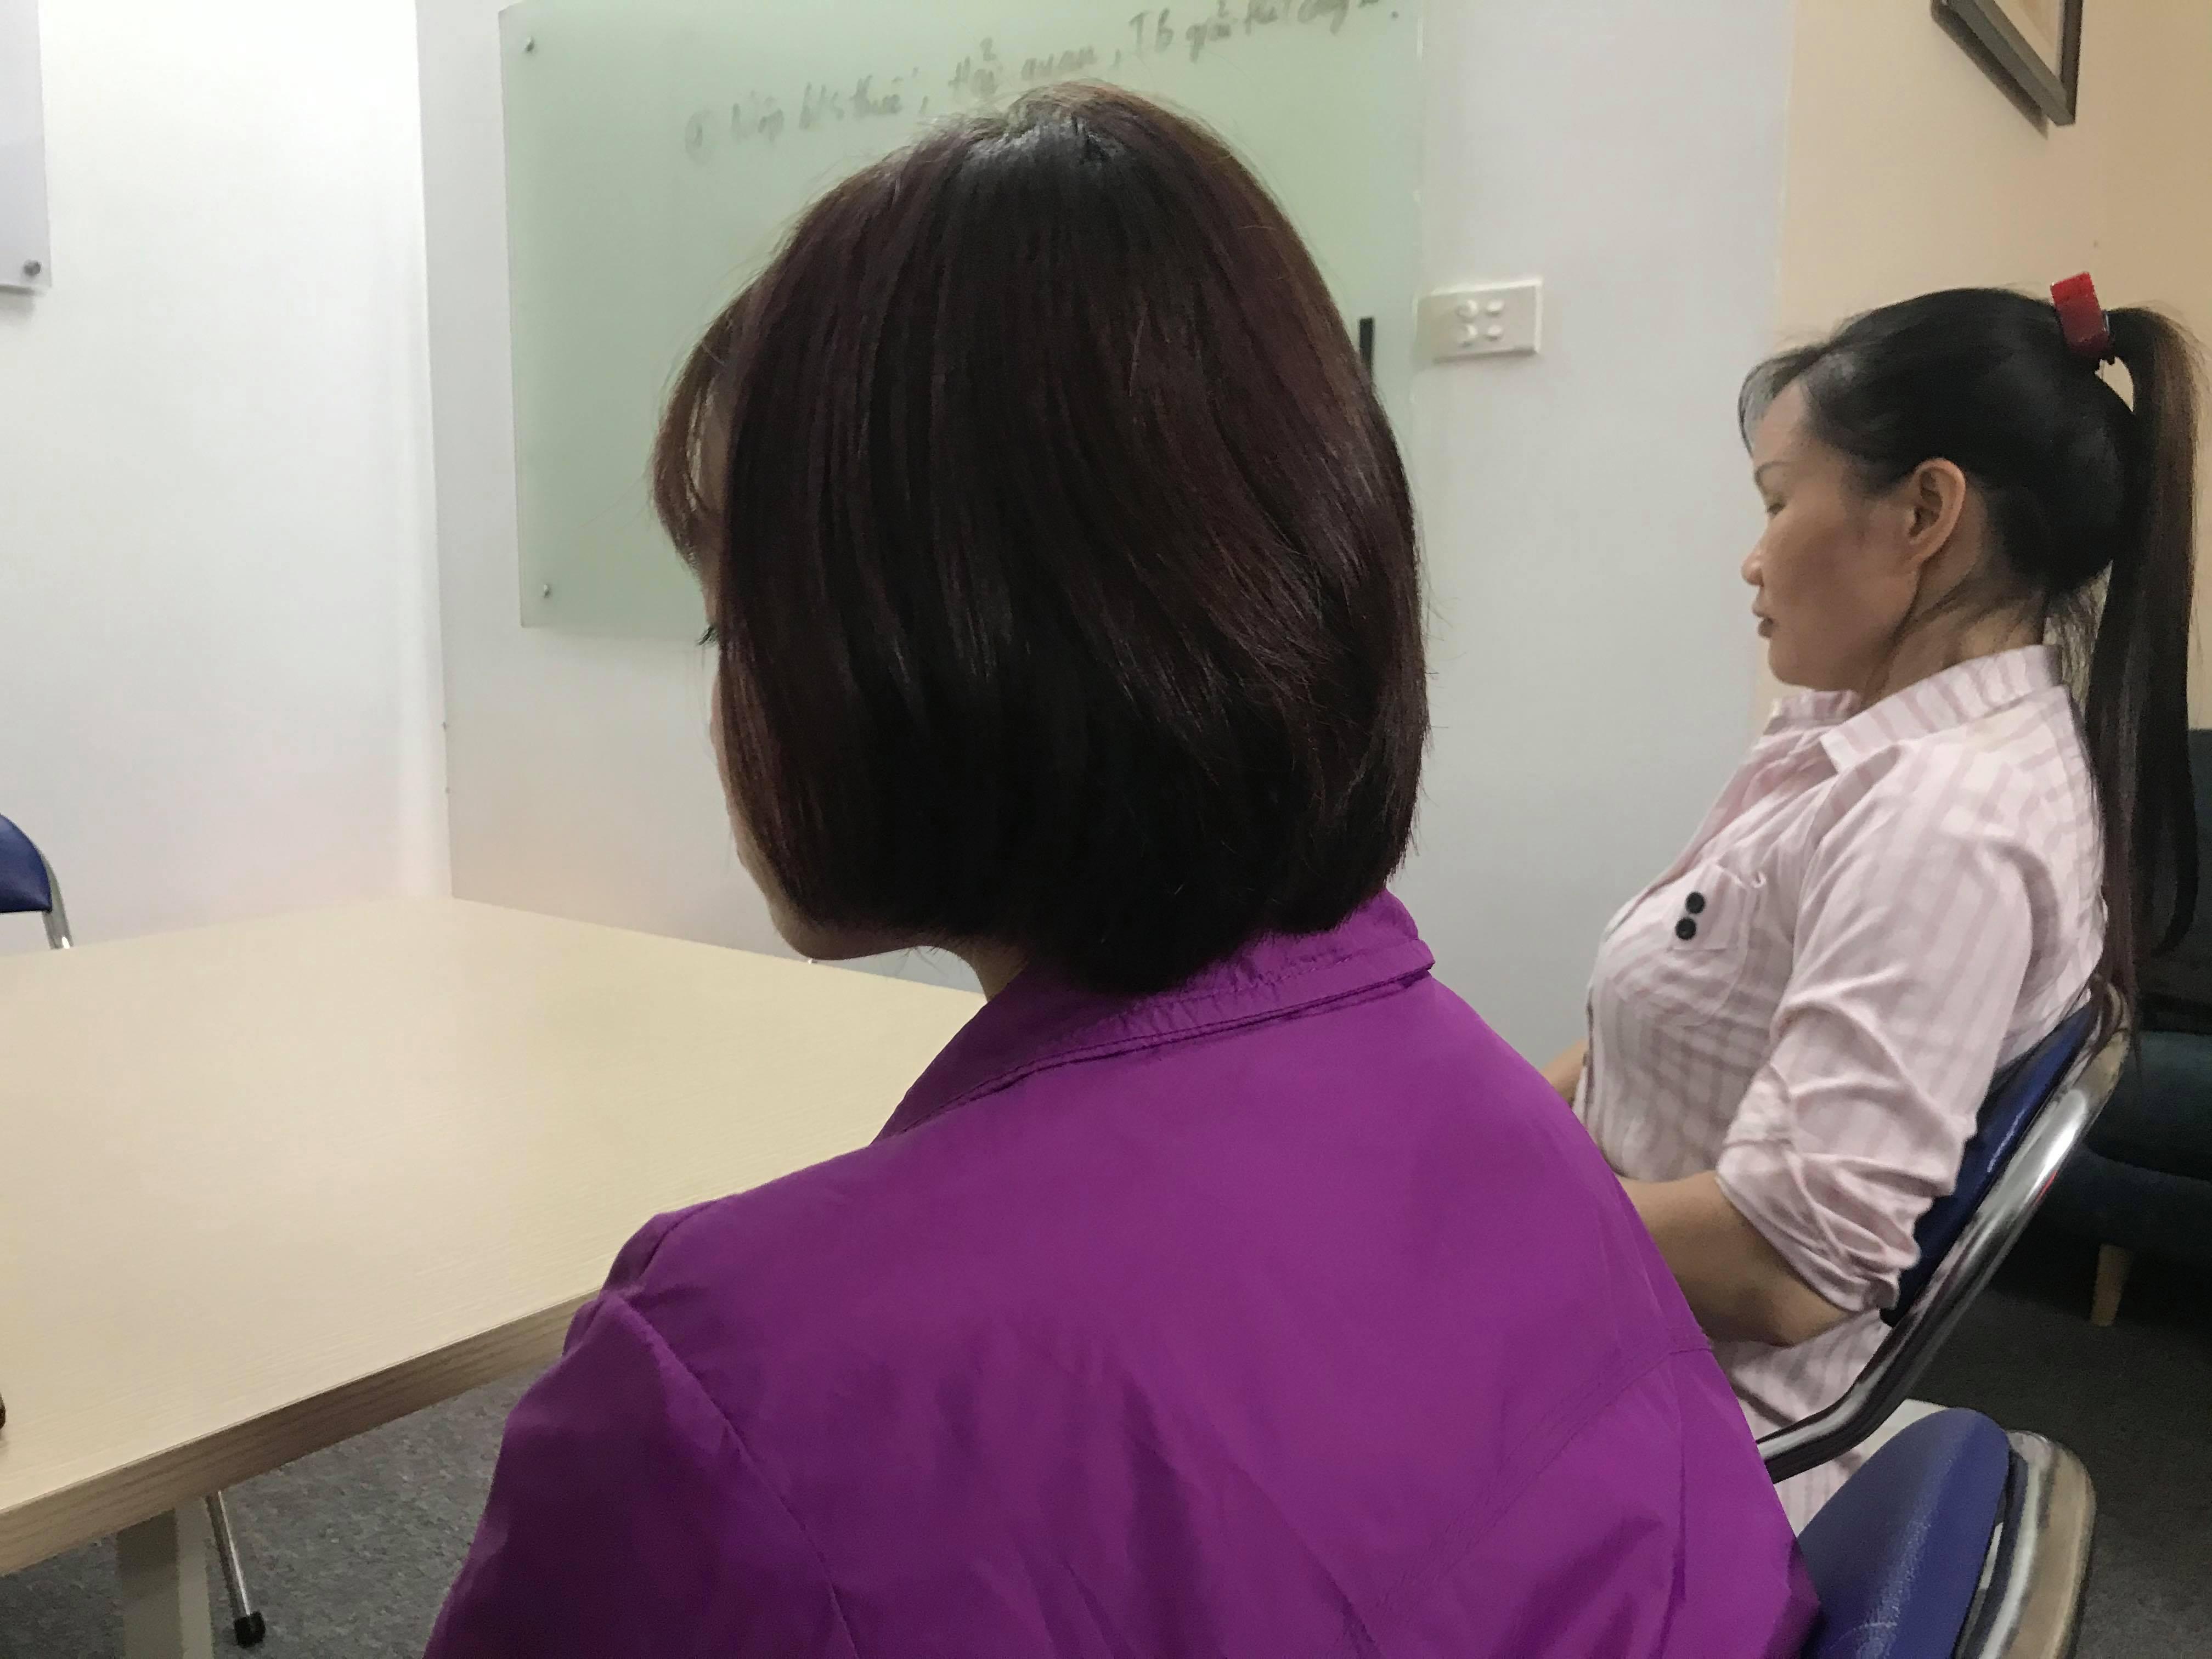 Bị bạn hãm hiếp, thiếu nữ 14 tuổi về nhà treo cổ tự tử ở Phú Thọ